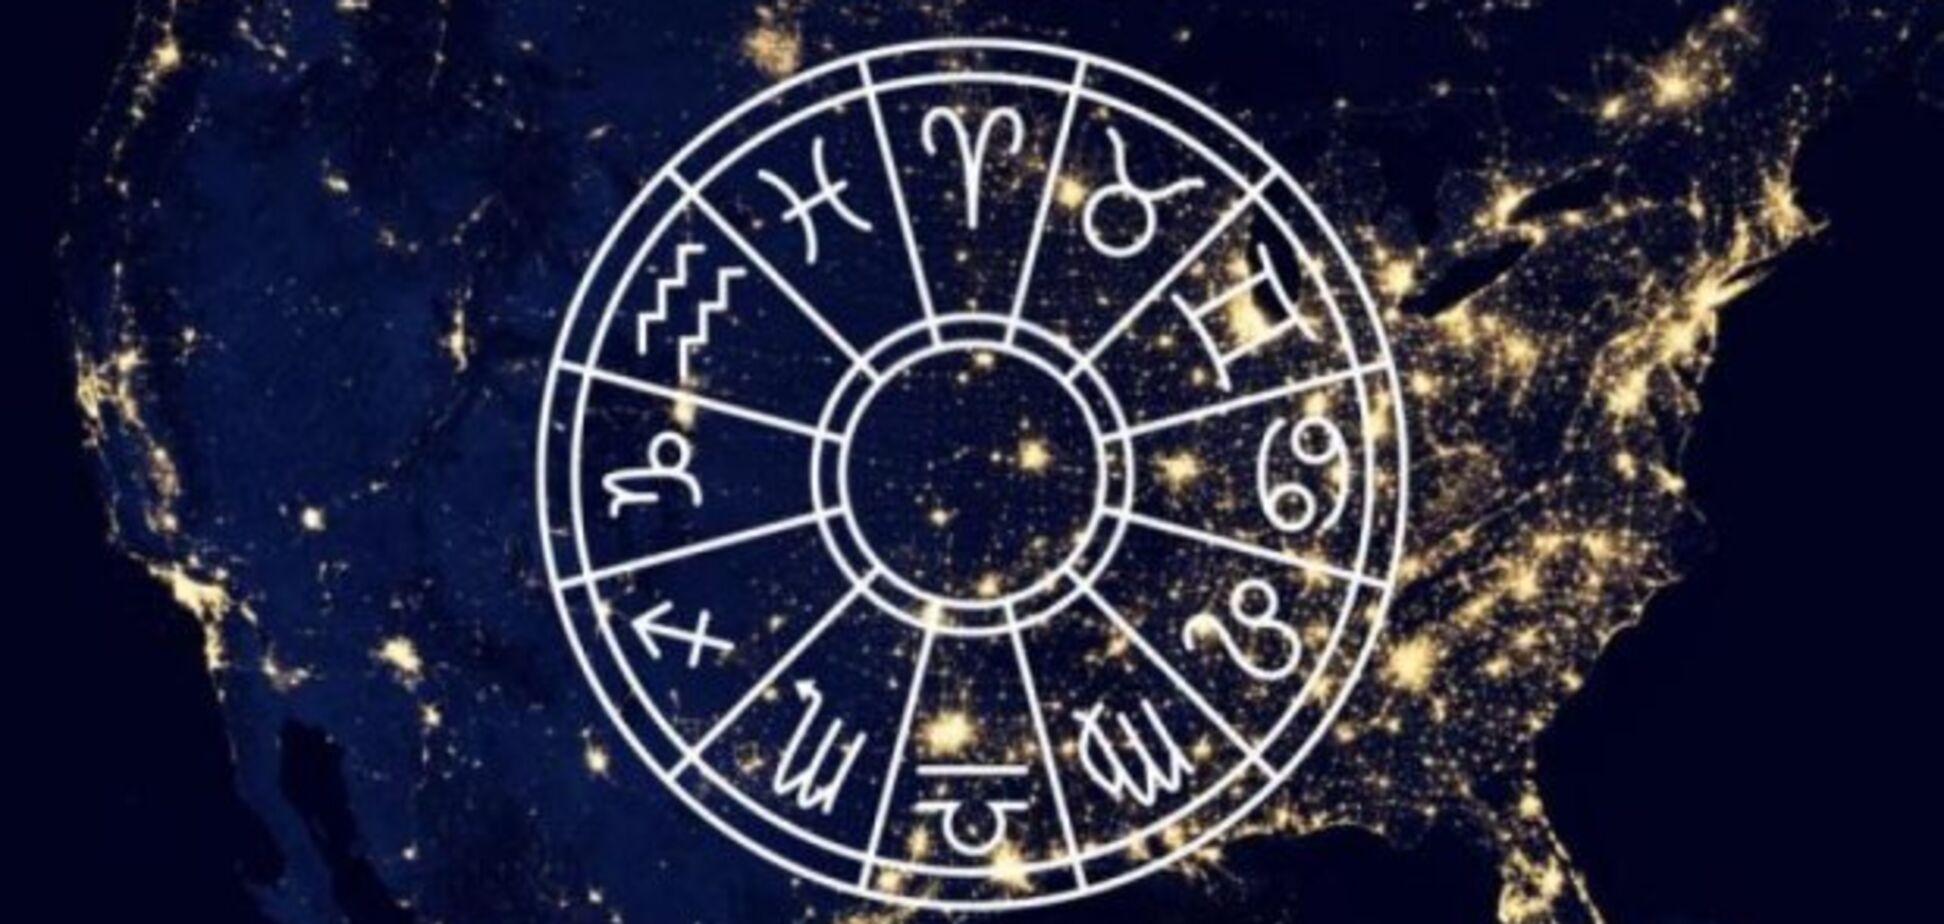 Гороскоп на 4 жовтня 2018: кого чекають неприємності в цей день